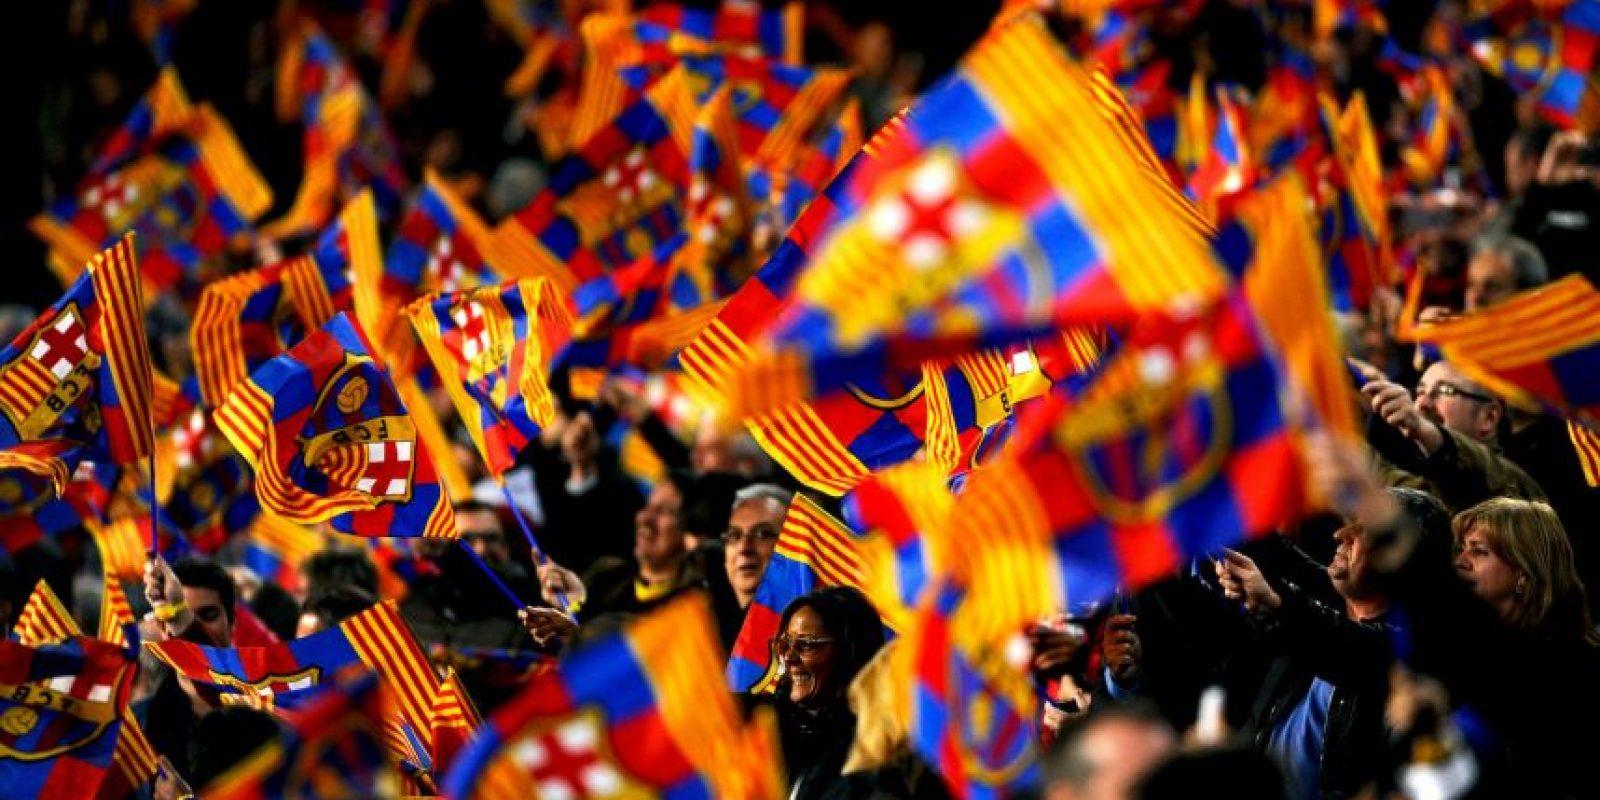 """Es el recinto más grande de España y también fue considerado """"estadio élite"""" por la UEFA. Suele estar lleno de color y pasión durante los juegos del Barcelona y también han hecho espectaculares mosaicos en él. Foto:Getty Images"""